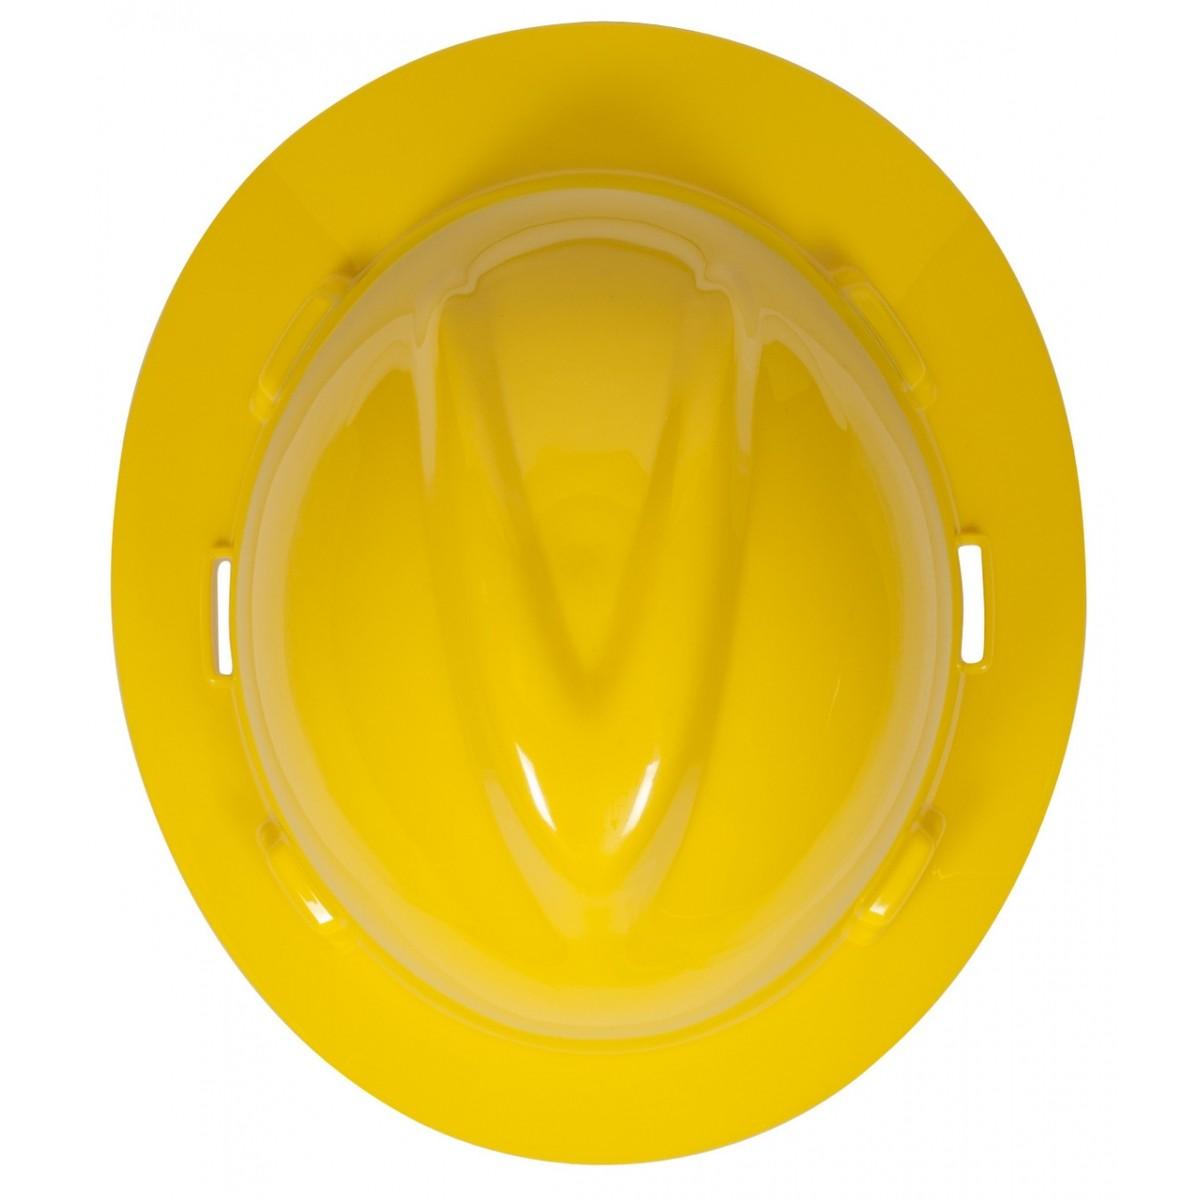 ef766c793f233 Capacete de Segurança V-Gard® Aba Total - MSA - NormasBR EPI s